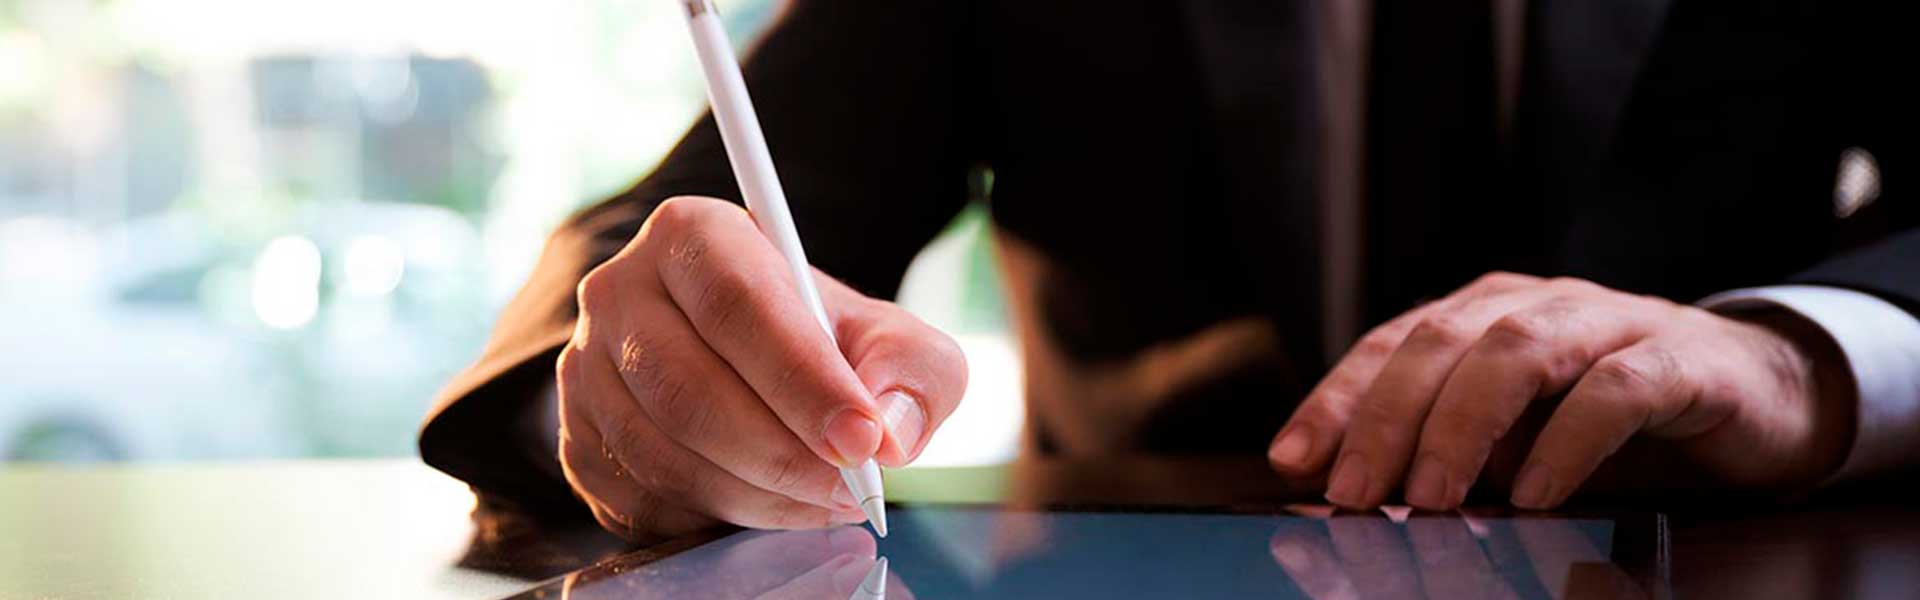 empresário a fazer a assinatura digital qualificada nas faturas